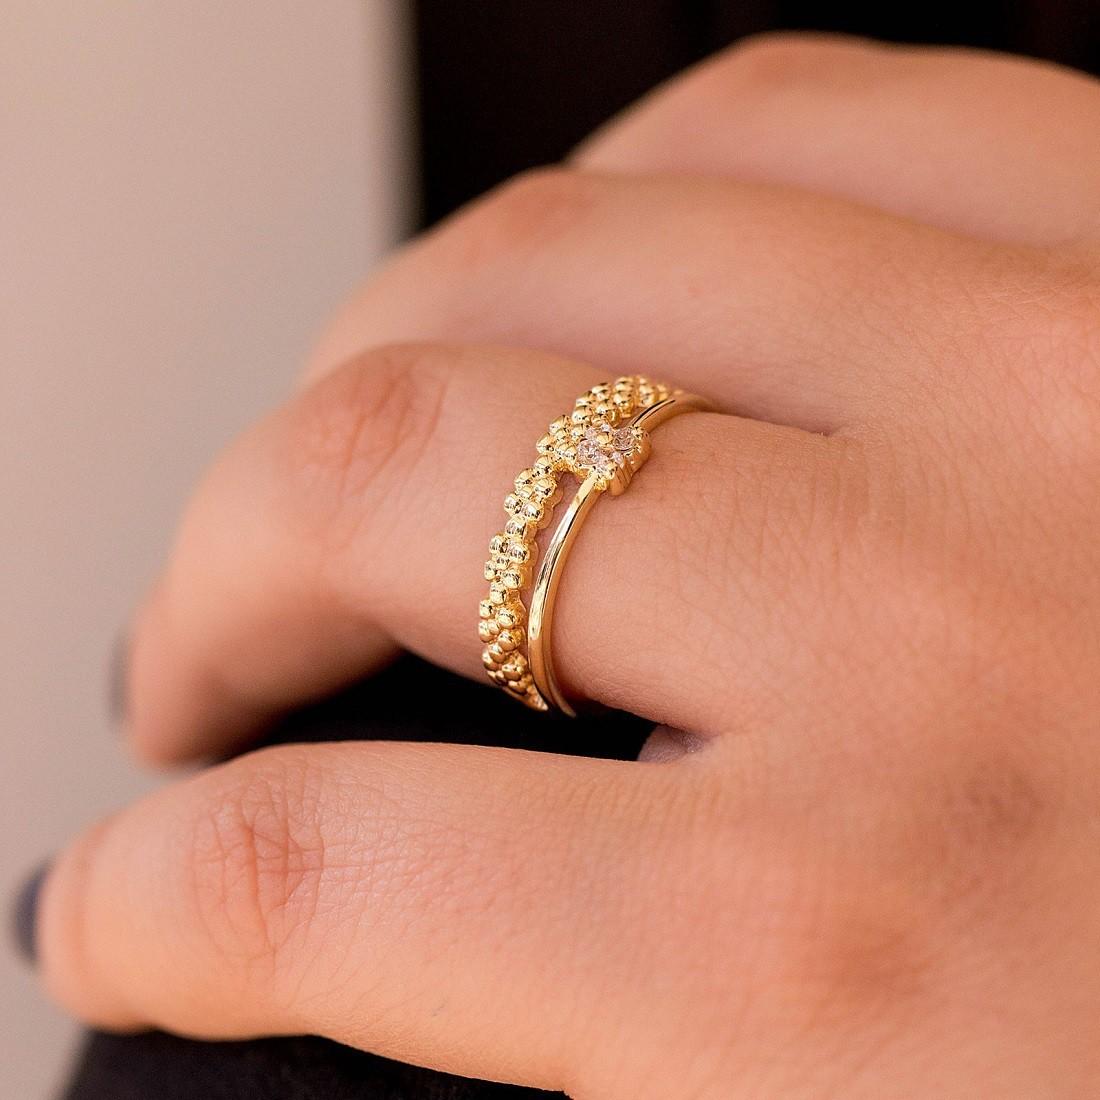 Anel Fino Dourado com Zircônia Banhado a Ouro 18k Feminino